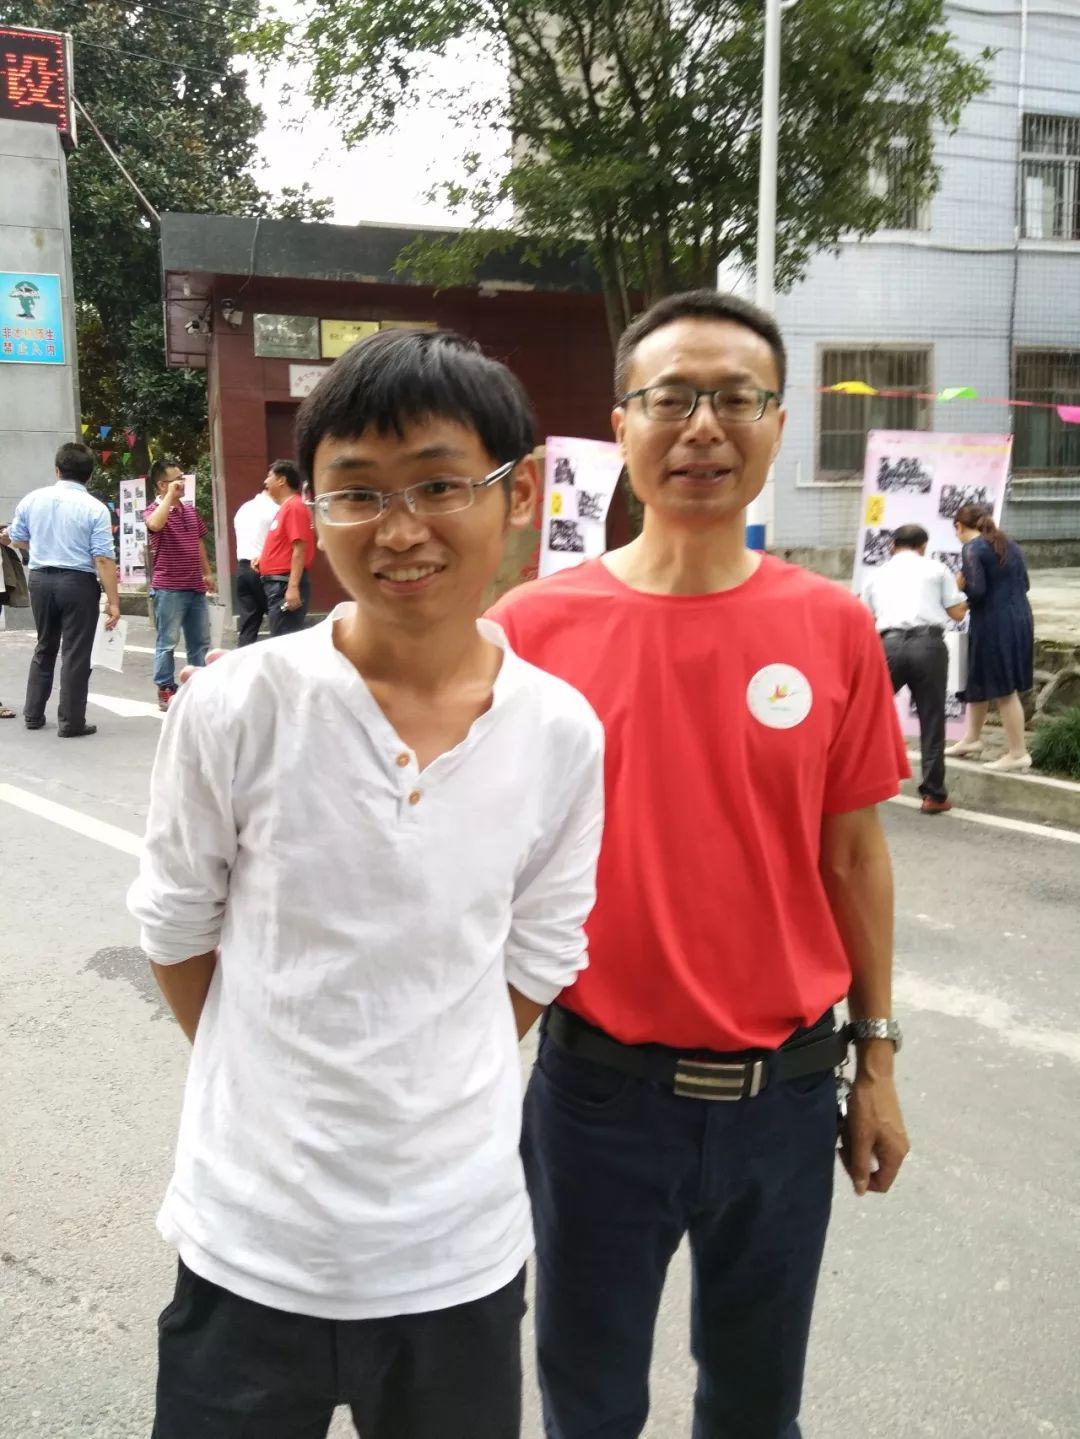 回首沅陵七中校庆,时光都老了,但这些面孔依然亲切柔和!